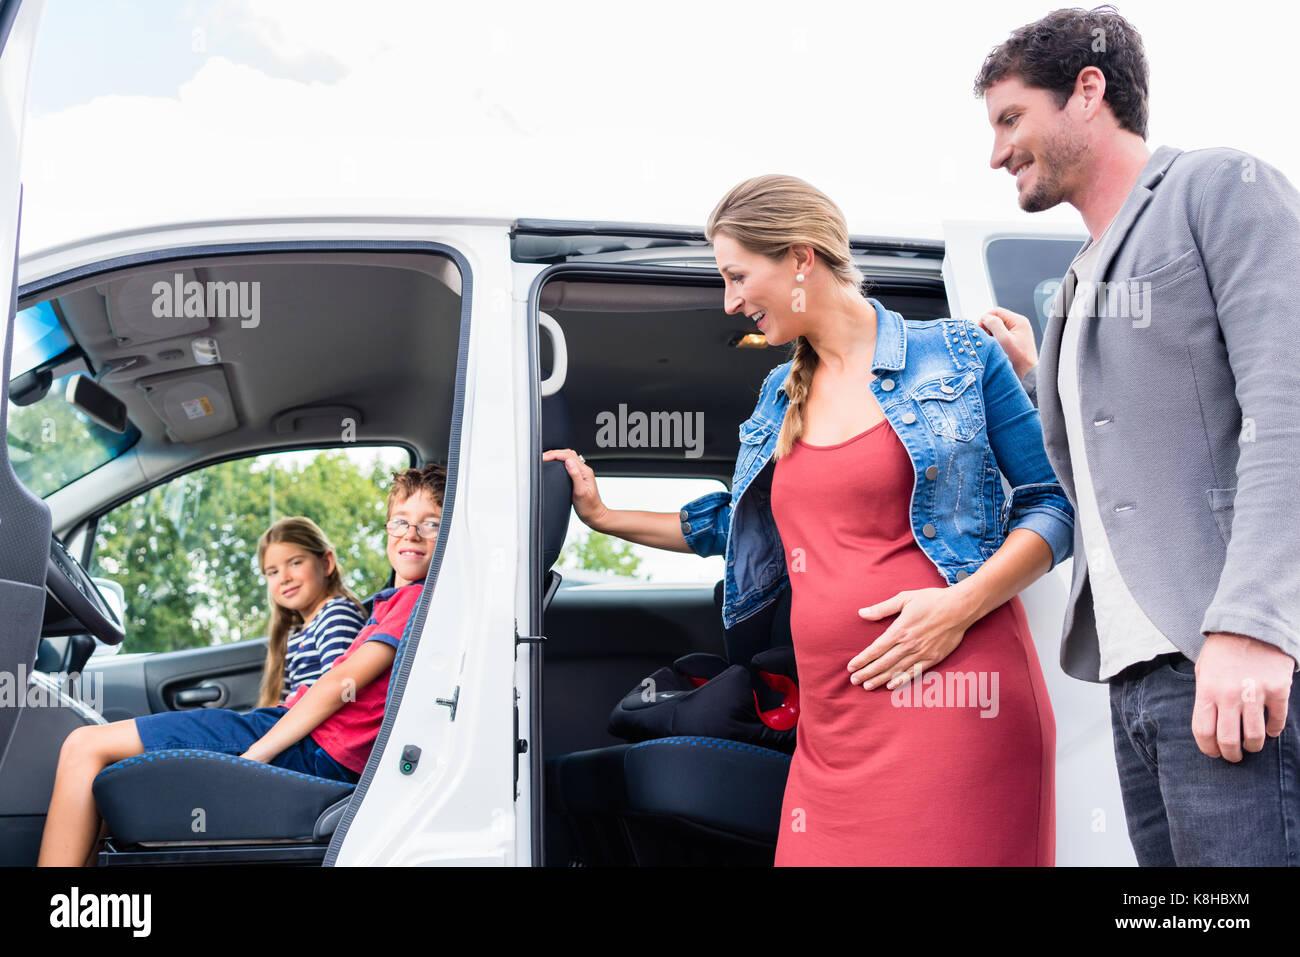 Familie kaufen van an Autohändler auf dem Hof Stockbild